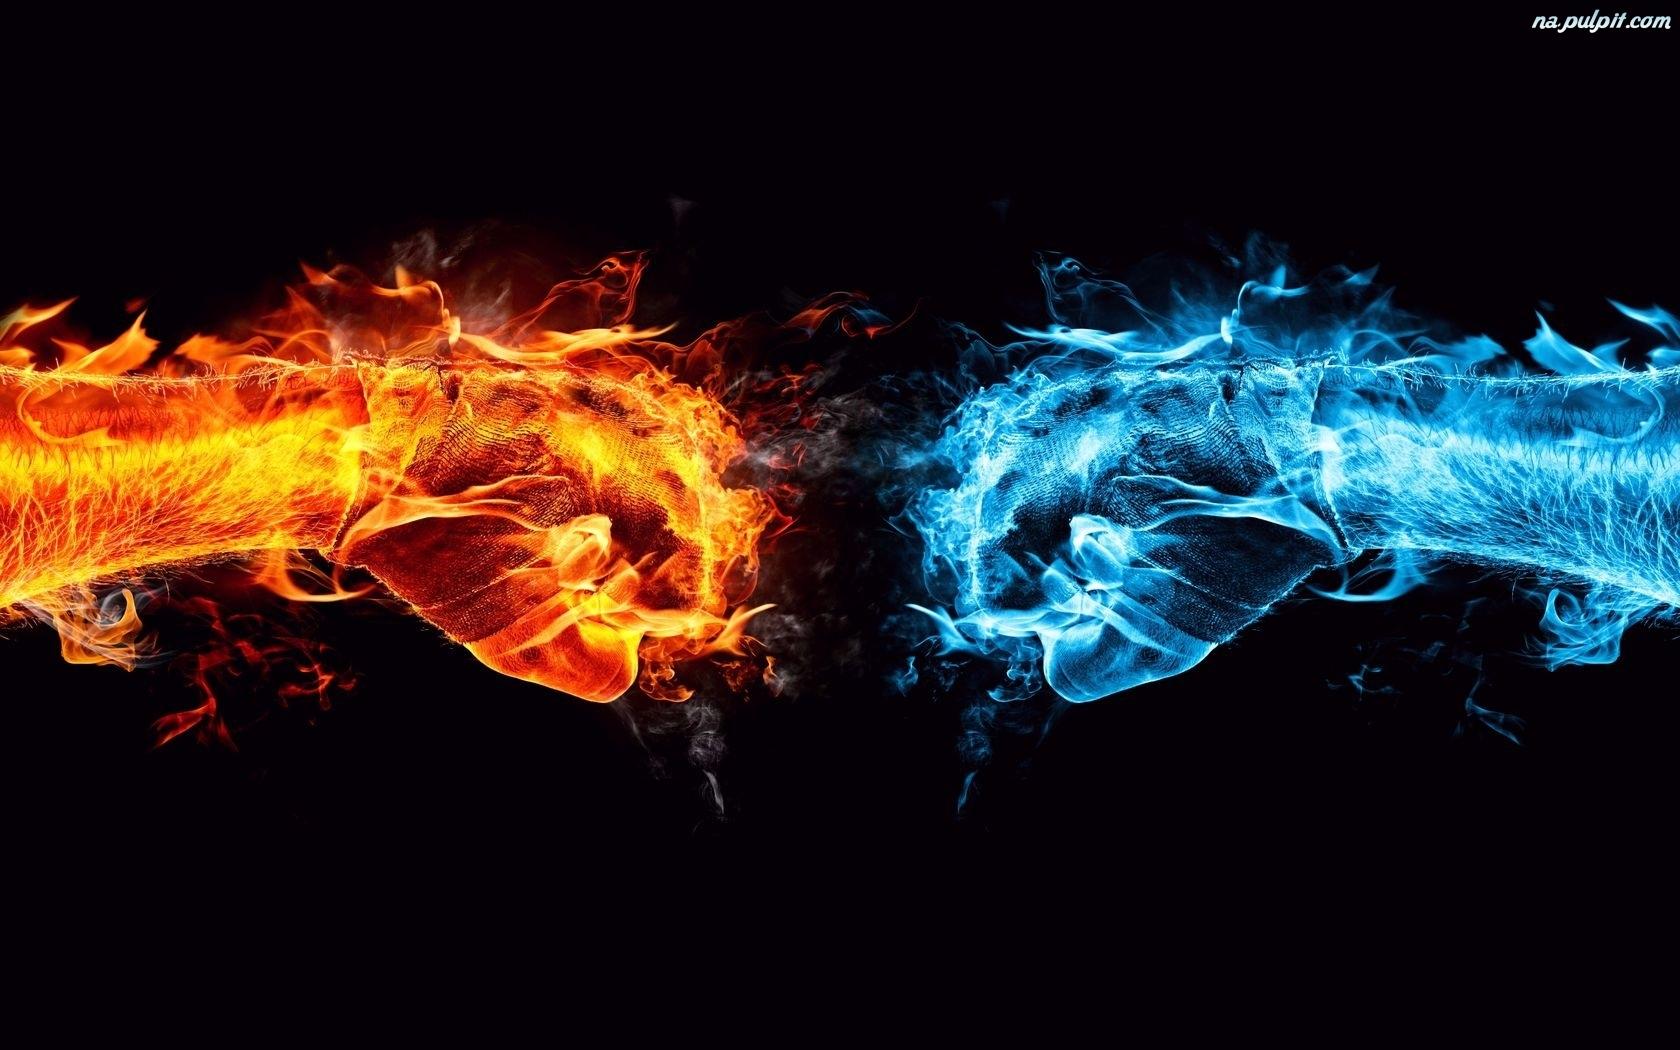 Woda, Pięści, Ogień